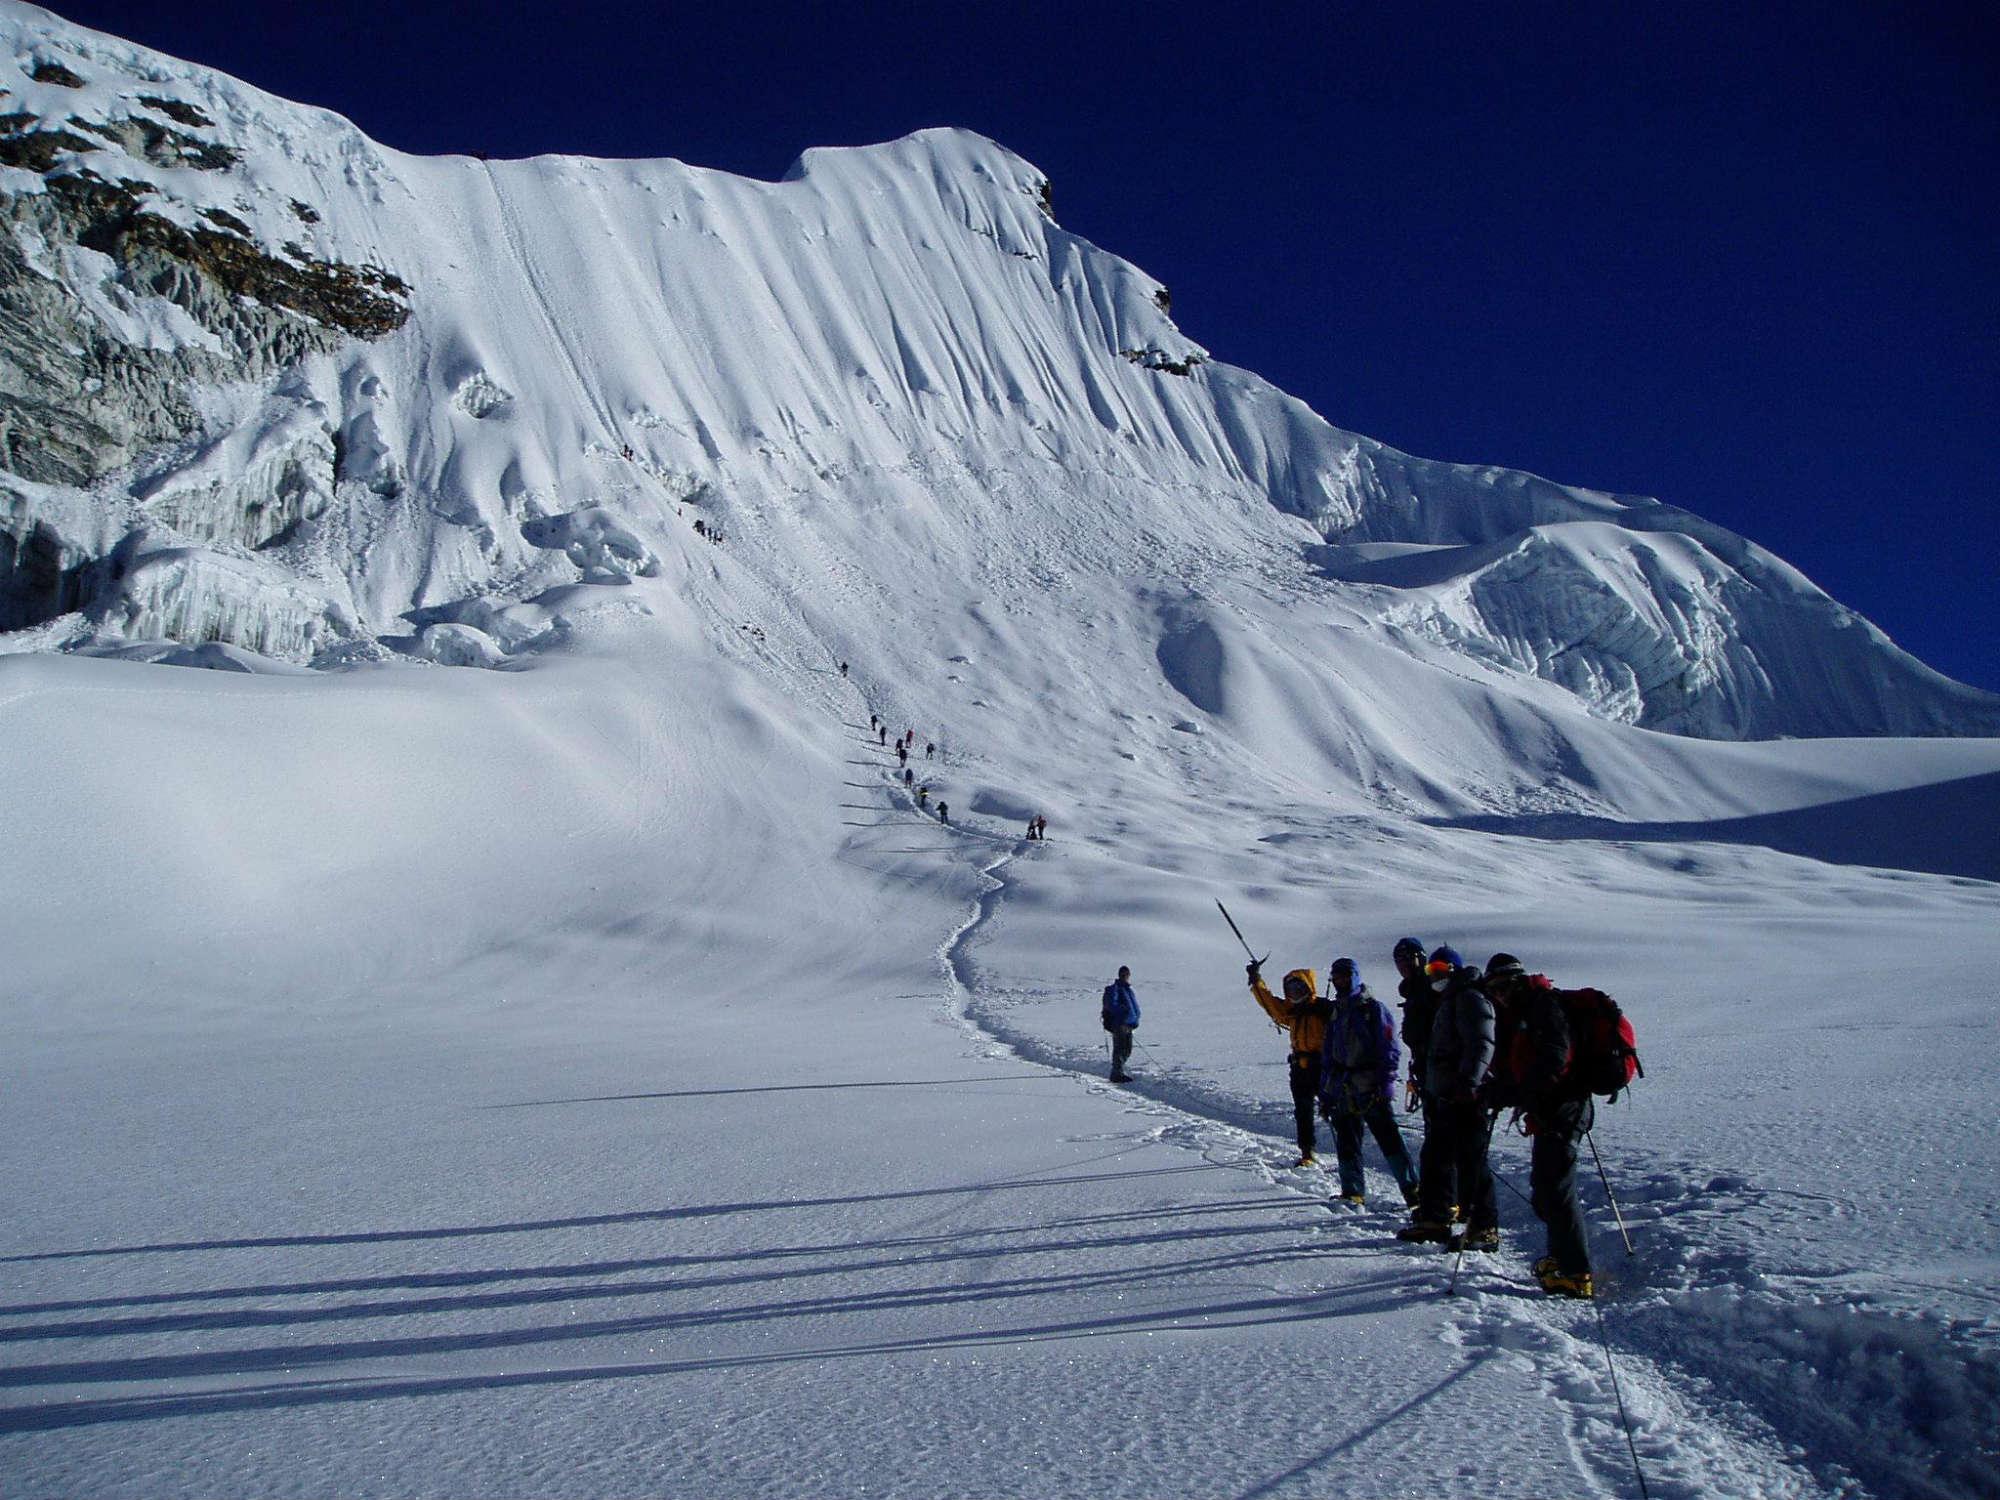 アイランドピーク(6,189m)登頂23日間